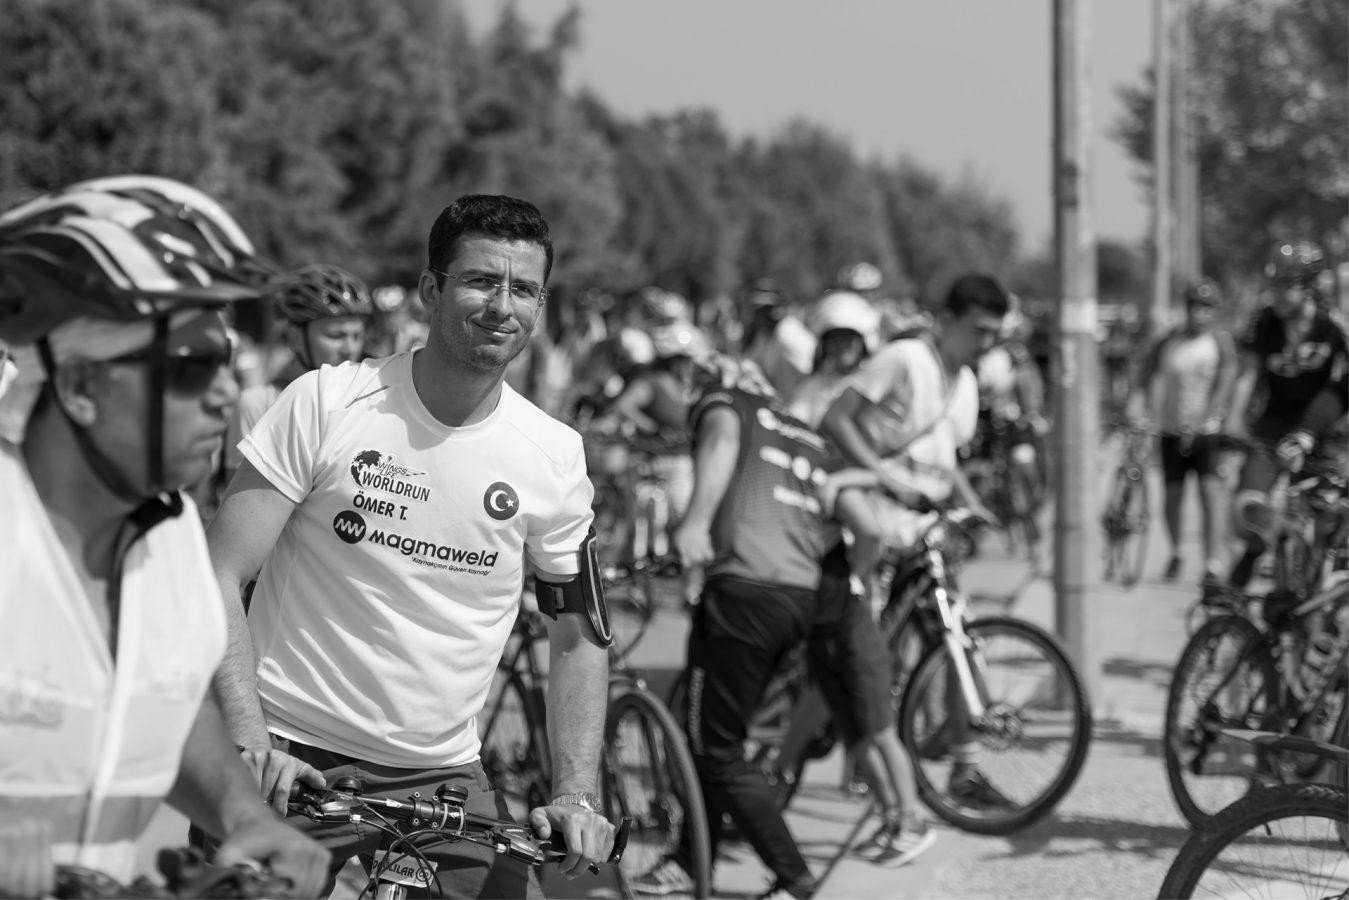 Manisa Rotary Kulübü - Bisiklet kullan, karbon ayak izini sil - Bisiklet turu